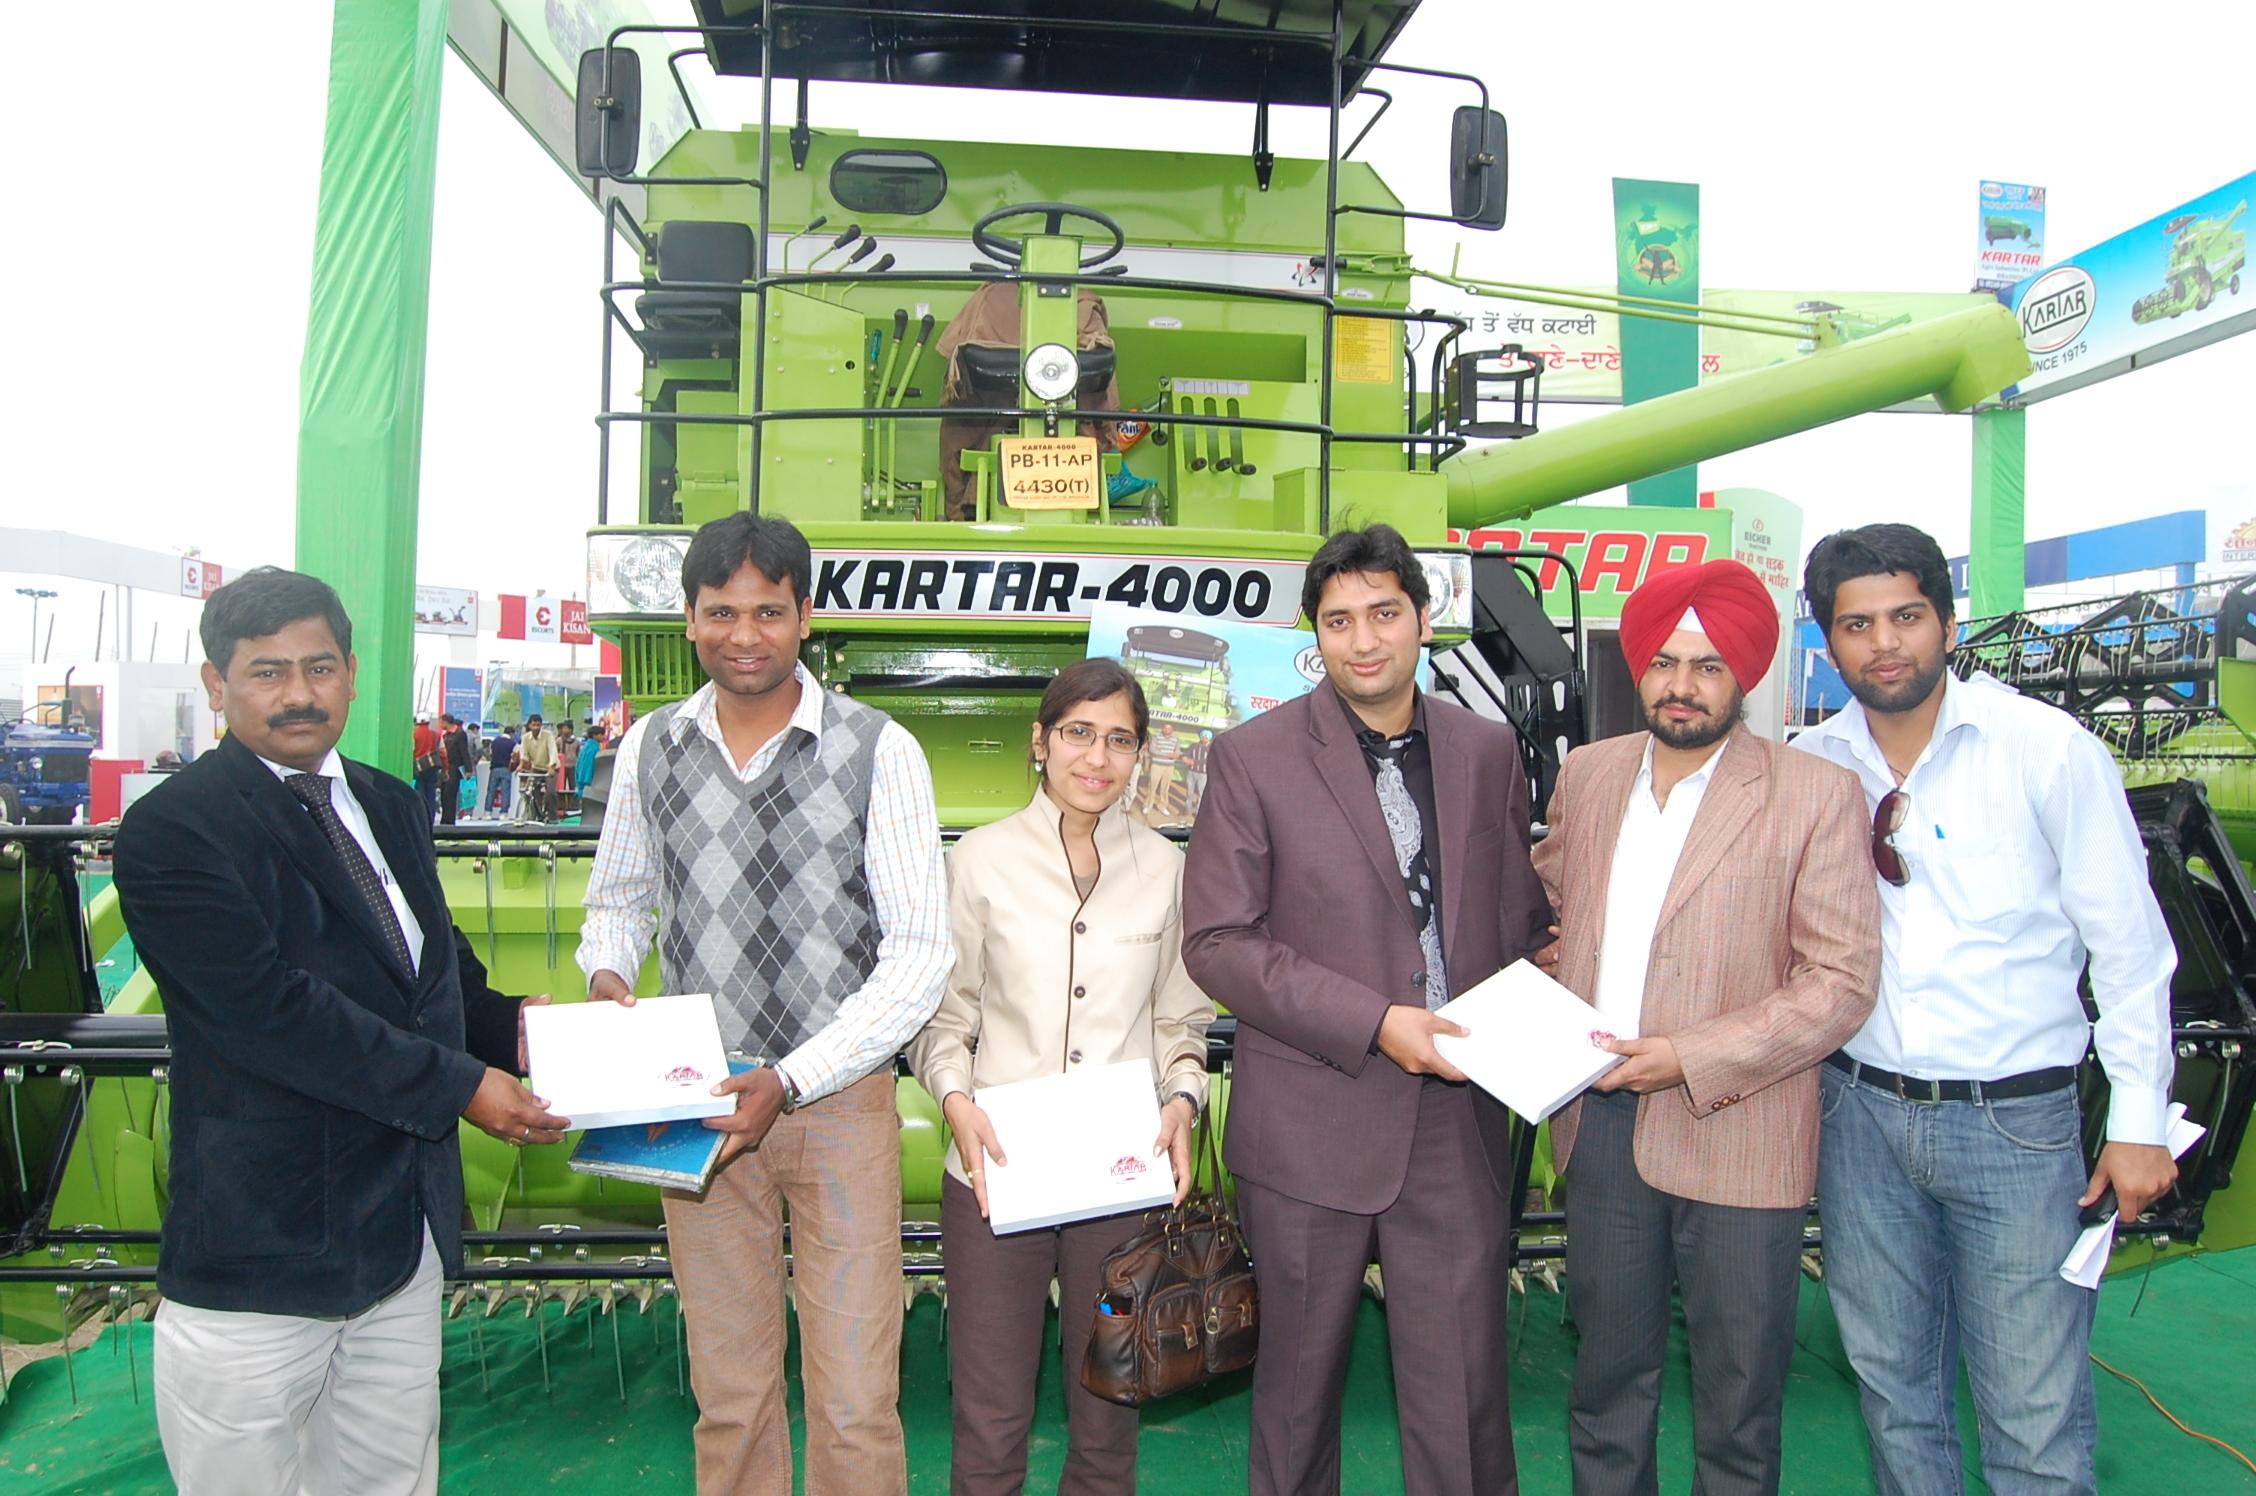 Krishna Combine Industries